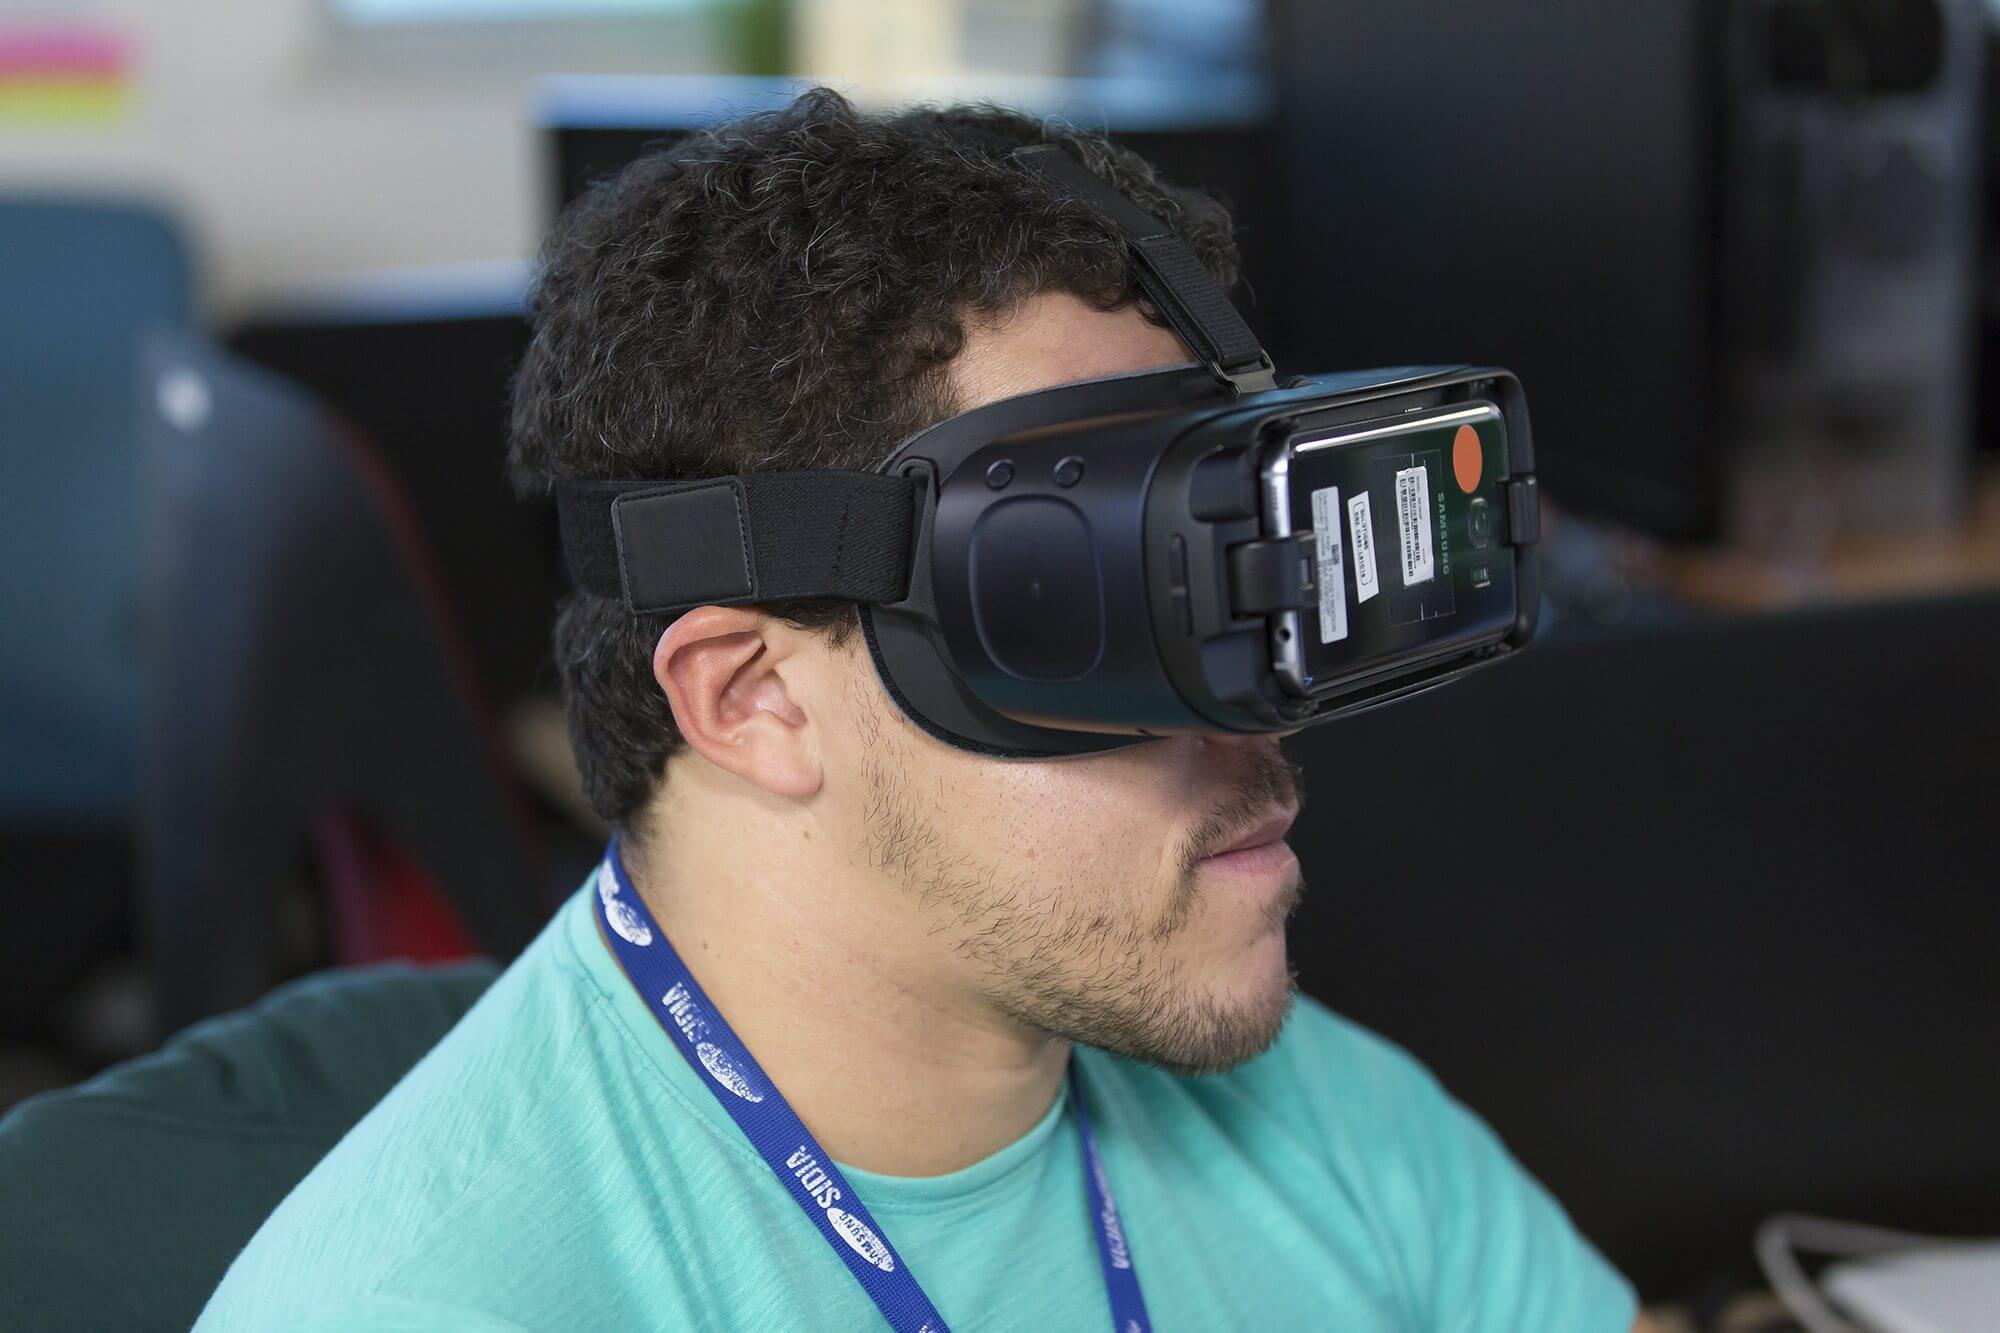 IMG 5786 - Realidade Virtual vai ajudar mães a terem um parto adequado